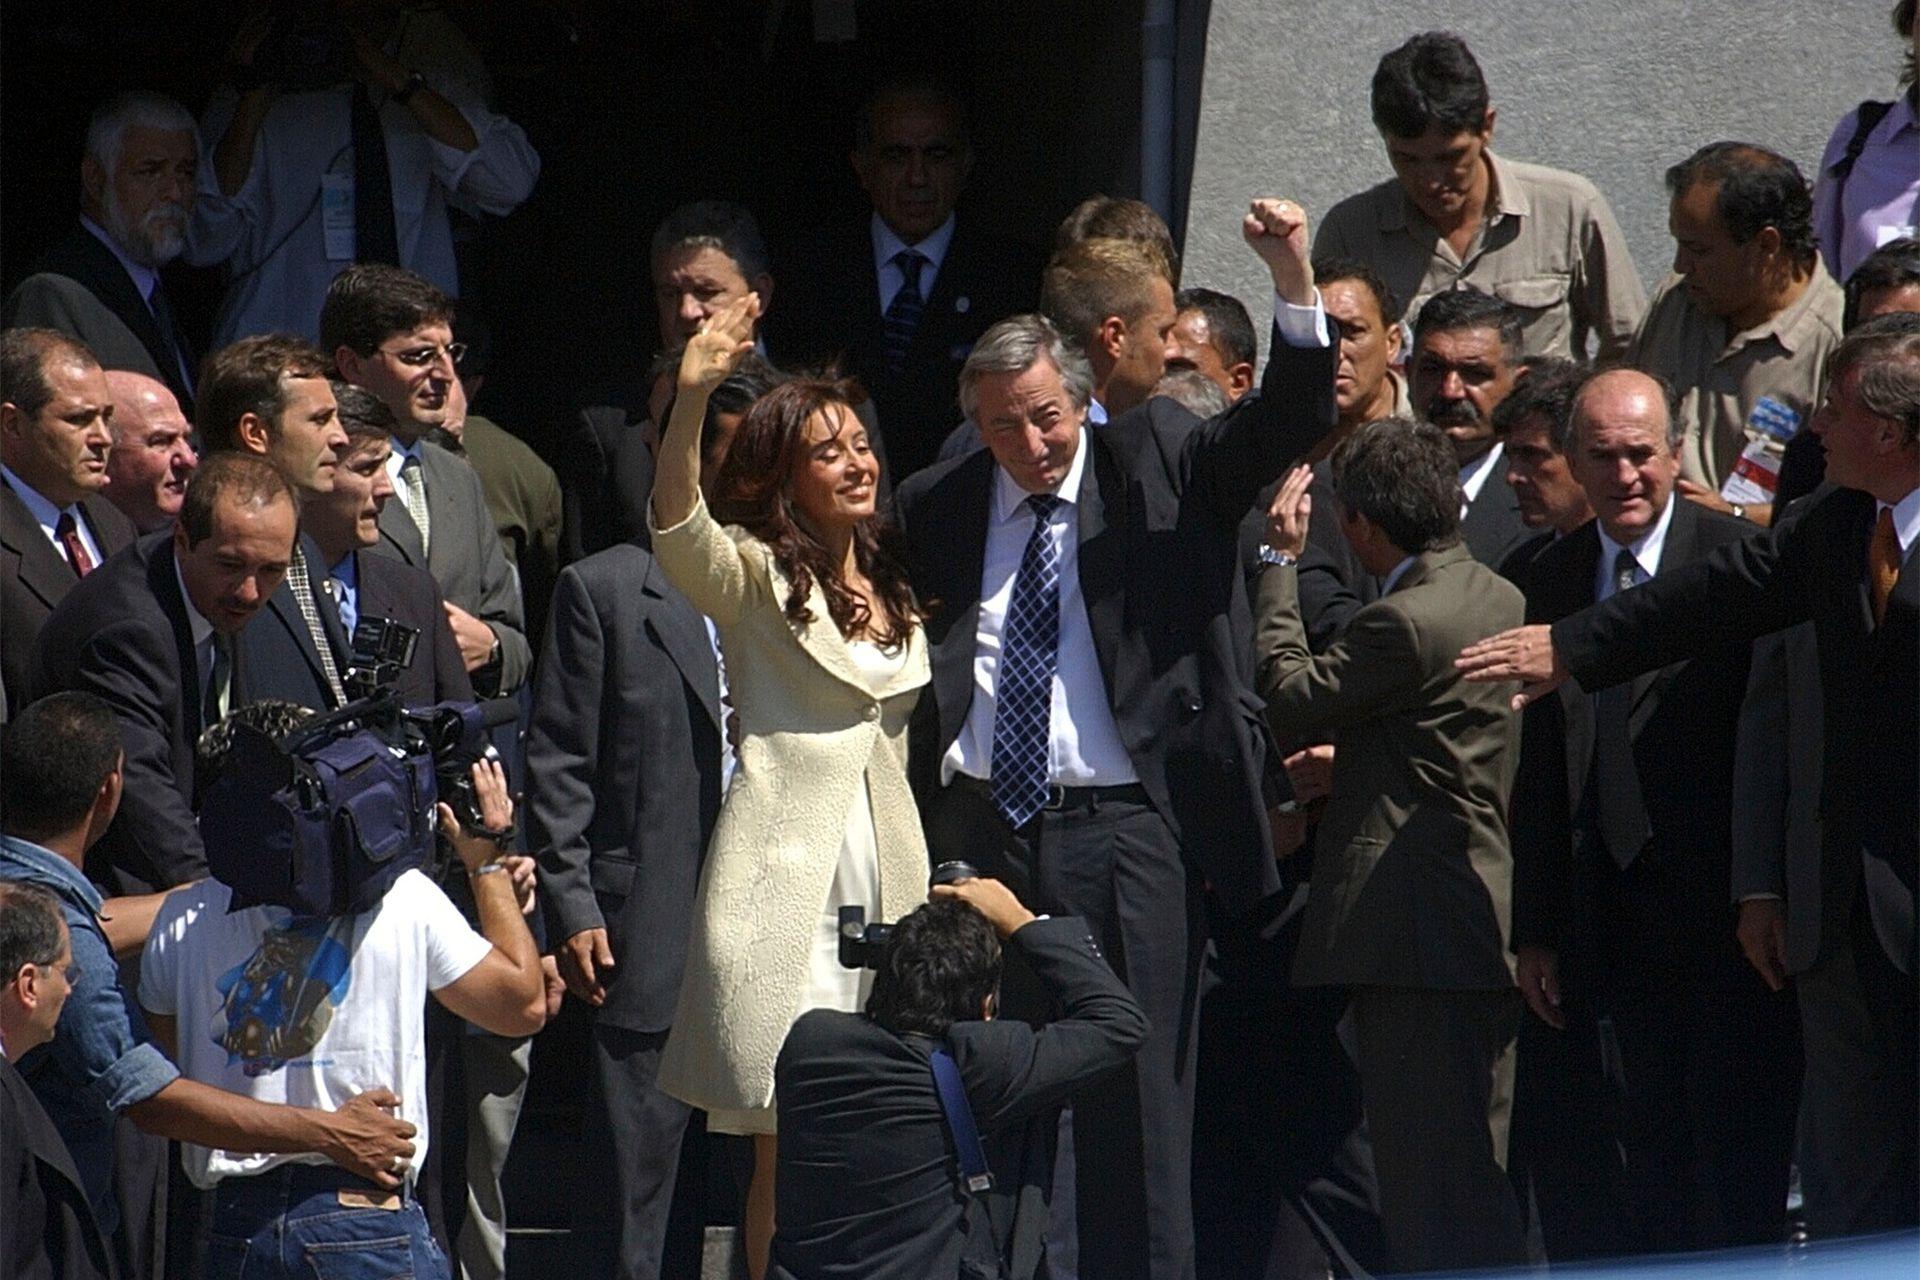 El 1 de Marzo de 2004, Néstor Kirchner inaugura las sesiones legislativas del Congreso